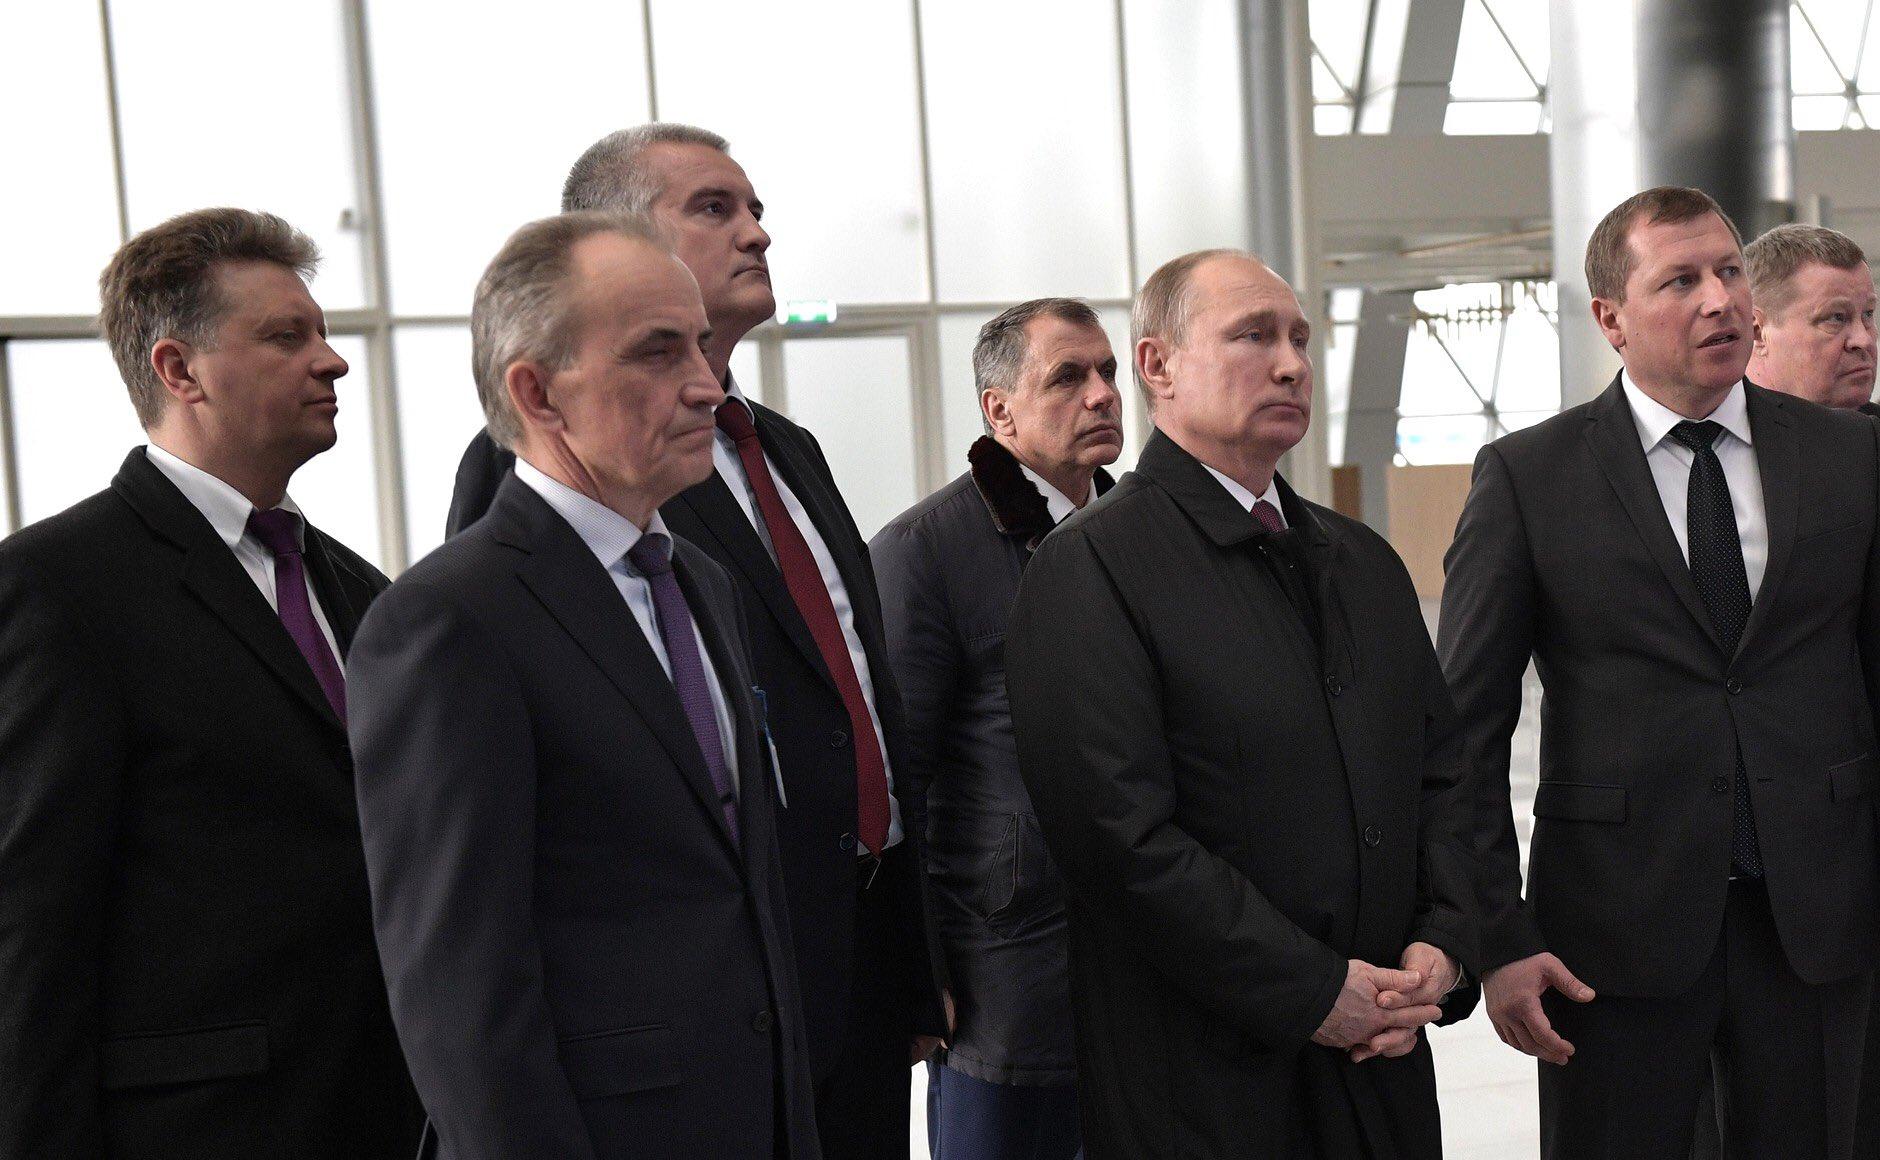 Путин в Крыму аэропорт 2018 фото